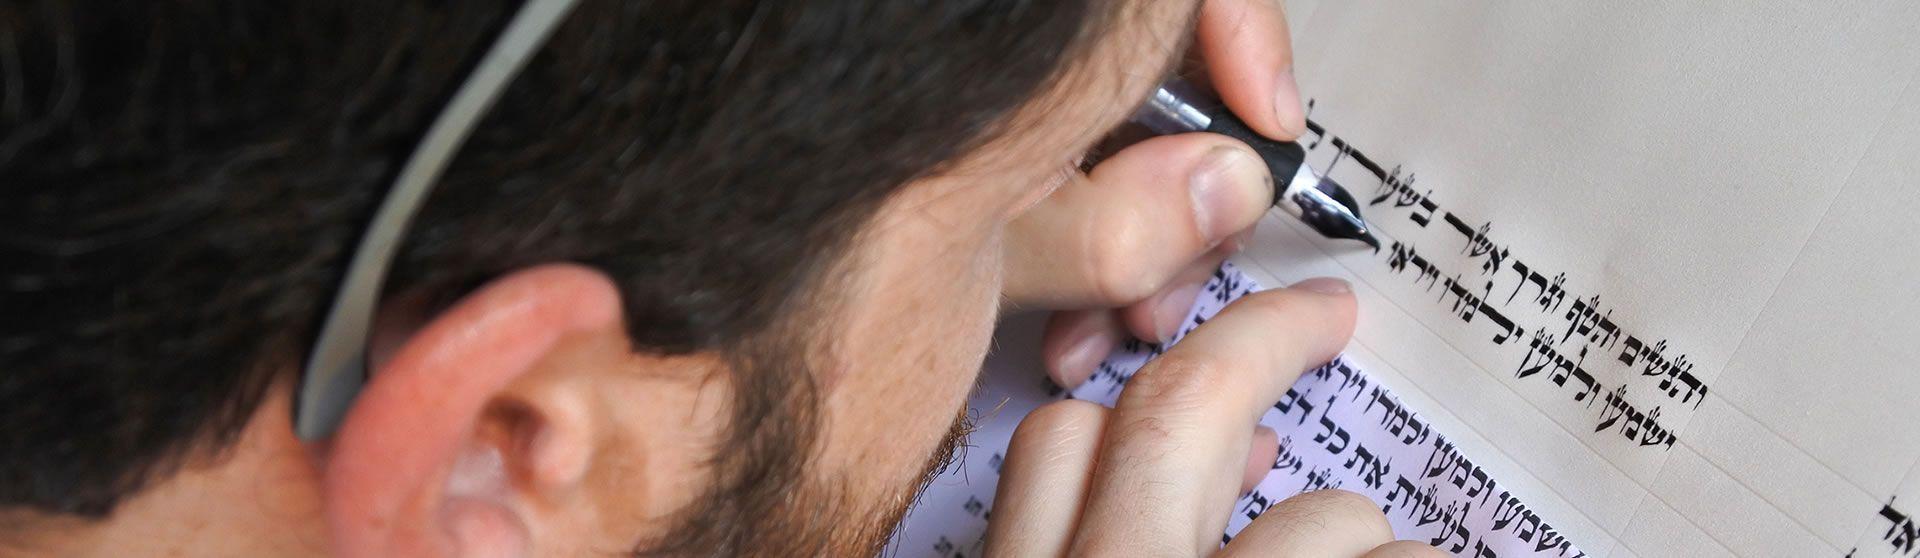 כתוב תורה חדשה